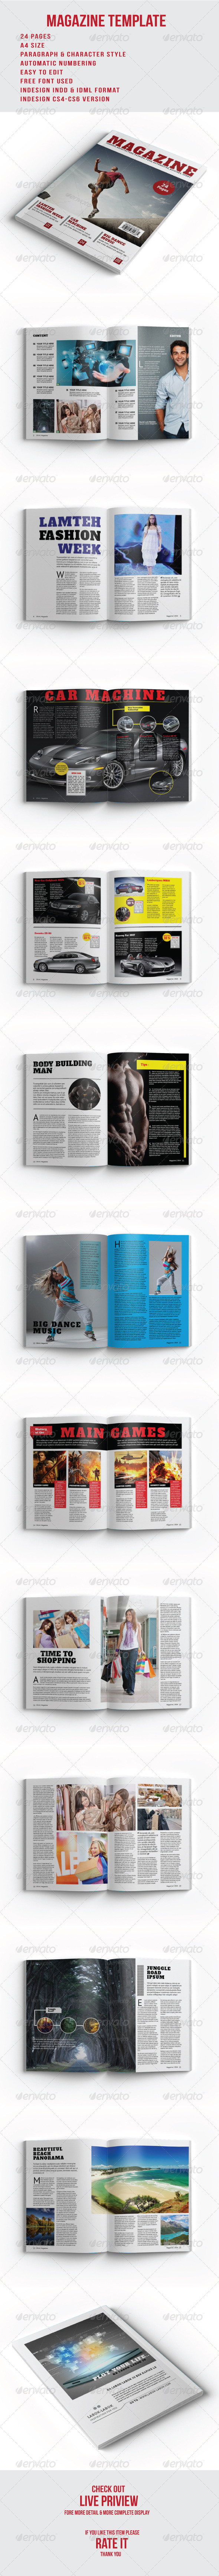 GraphicRiver Magazine Template 8350613